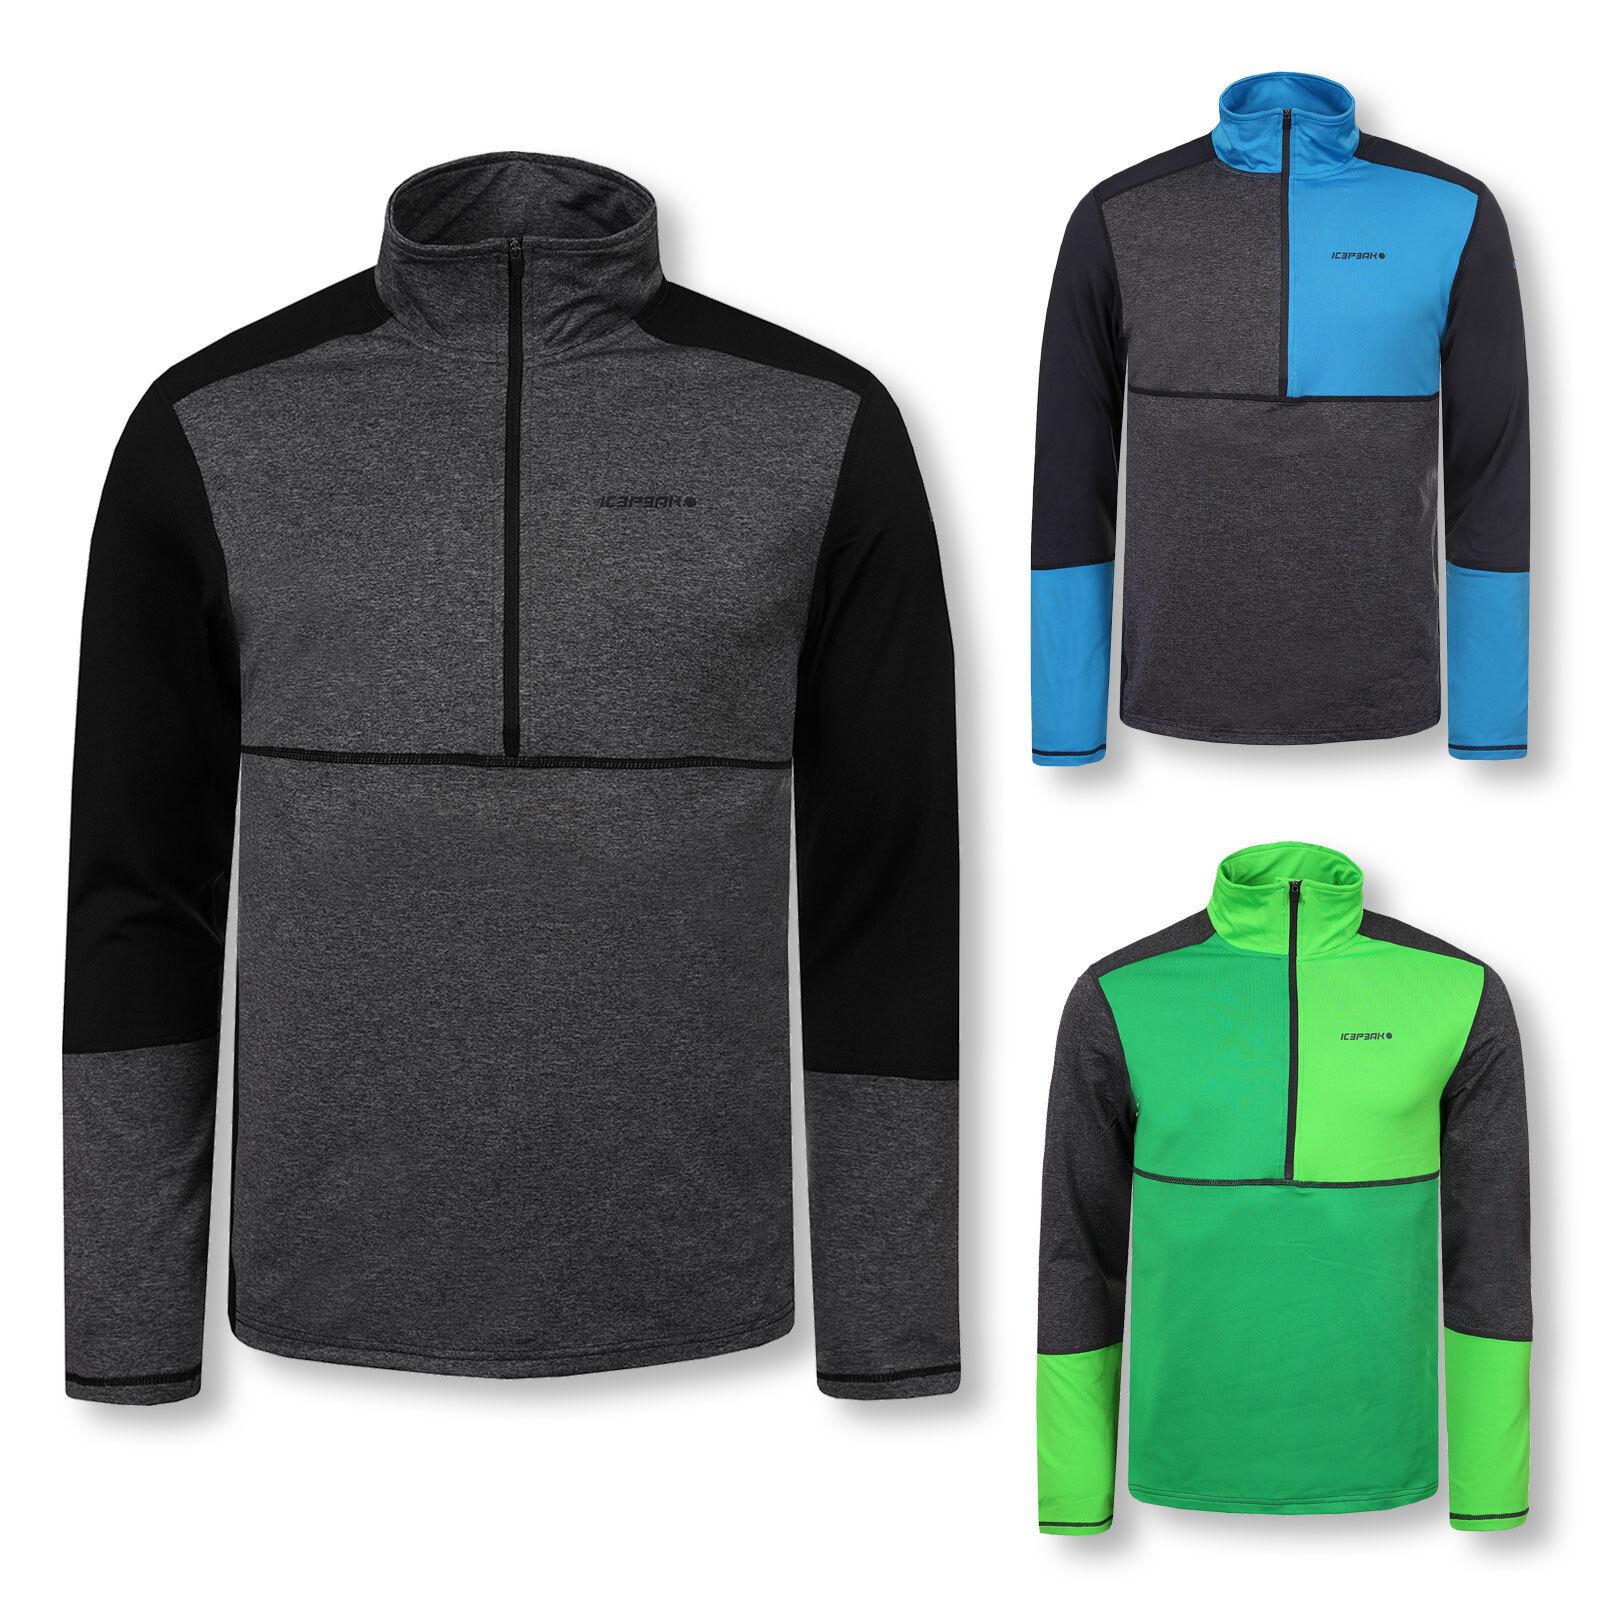 Icepeak Herren Skipullover Funktionsshirt Thermoshirt Half Zip Kylen Farbwahl